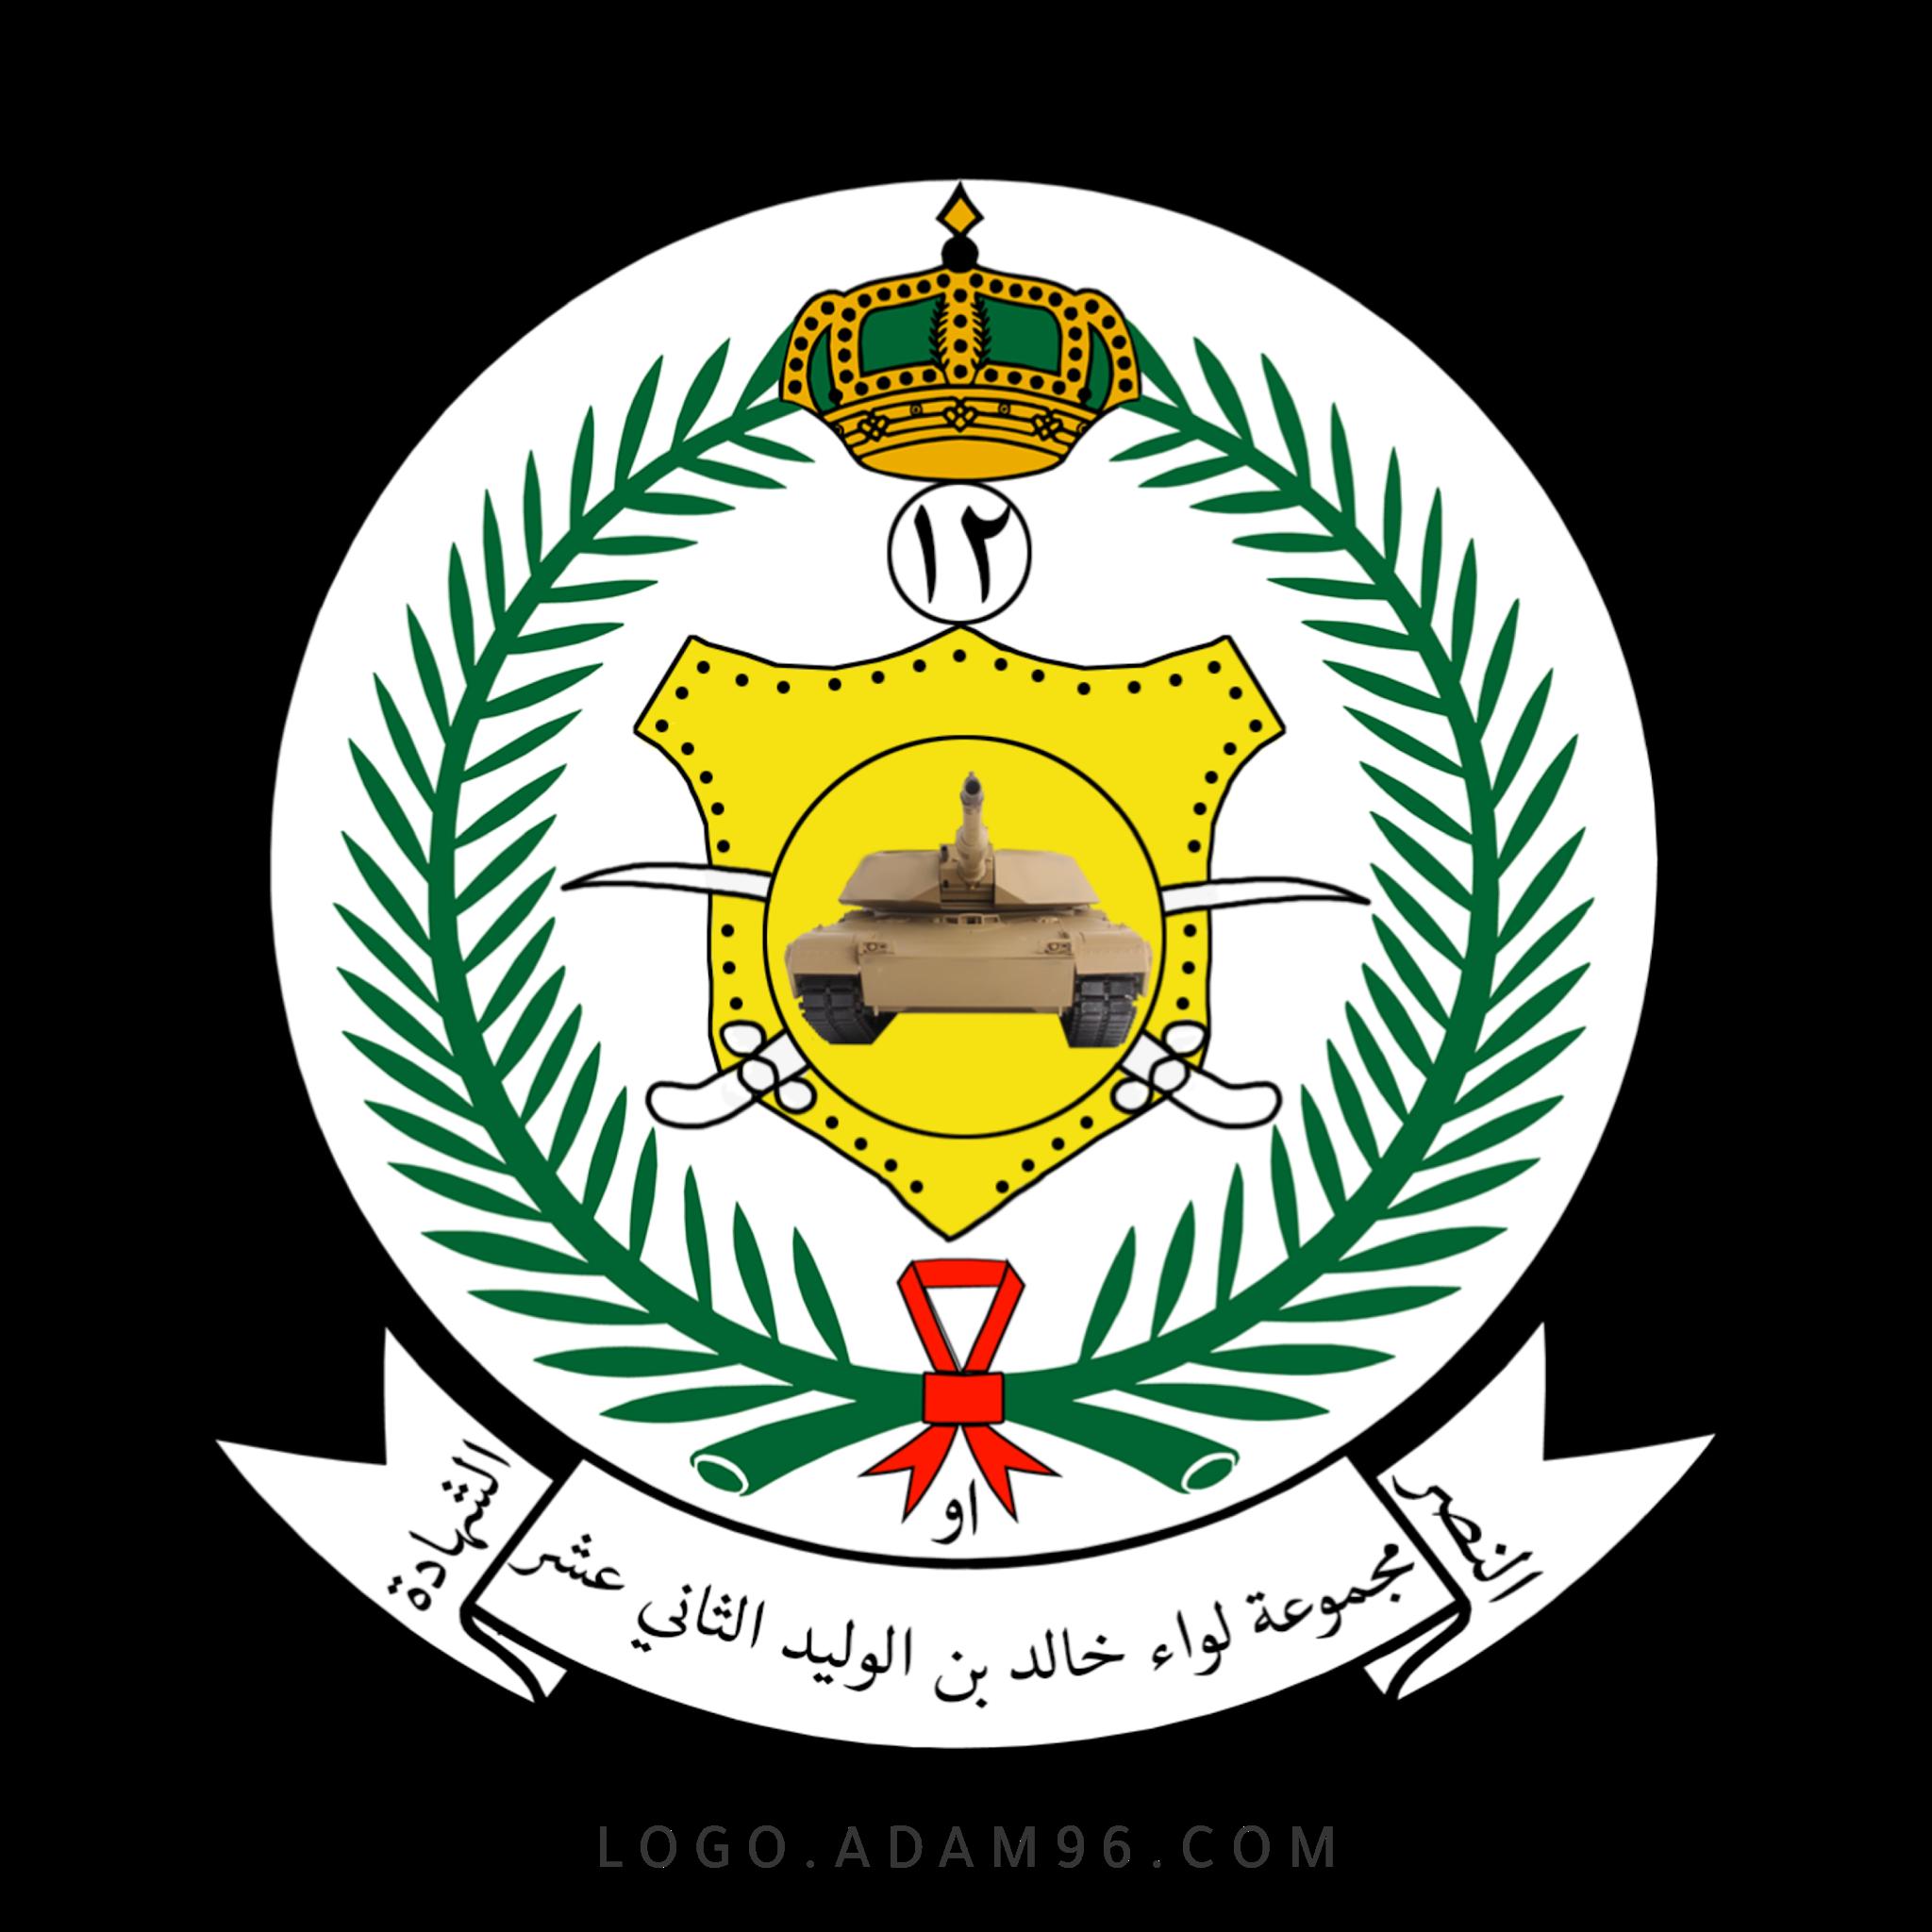 تحميل شعار مجموعة لواء خالد بن الوليد الثاني عشر الرسمي عالي الجودة PNG - شعارات الجيش السعودي